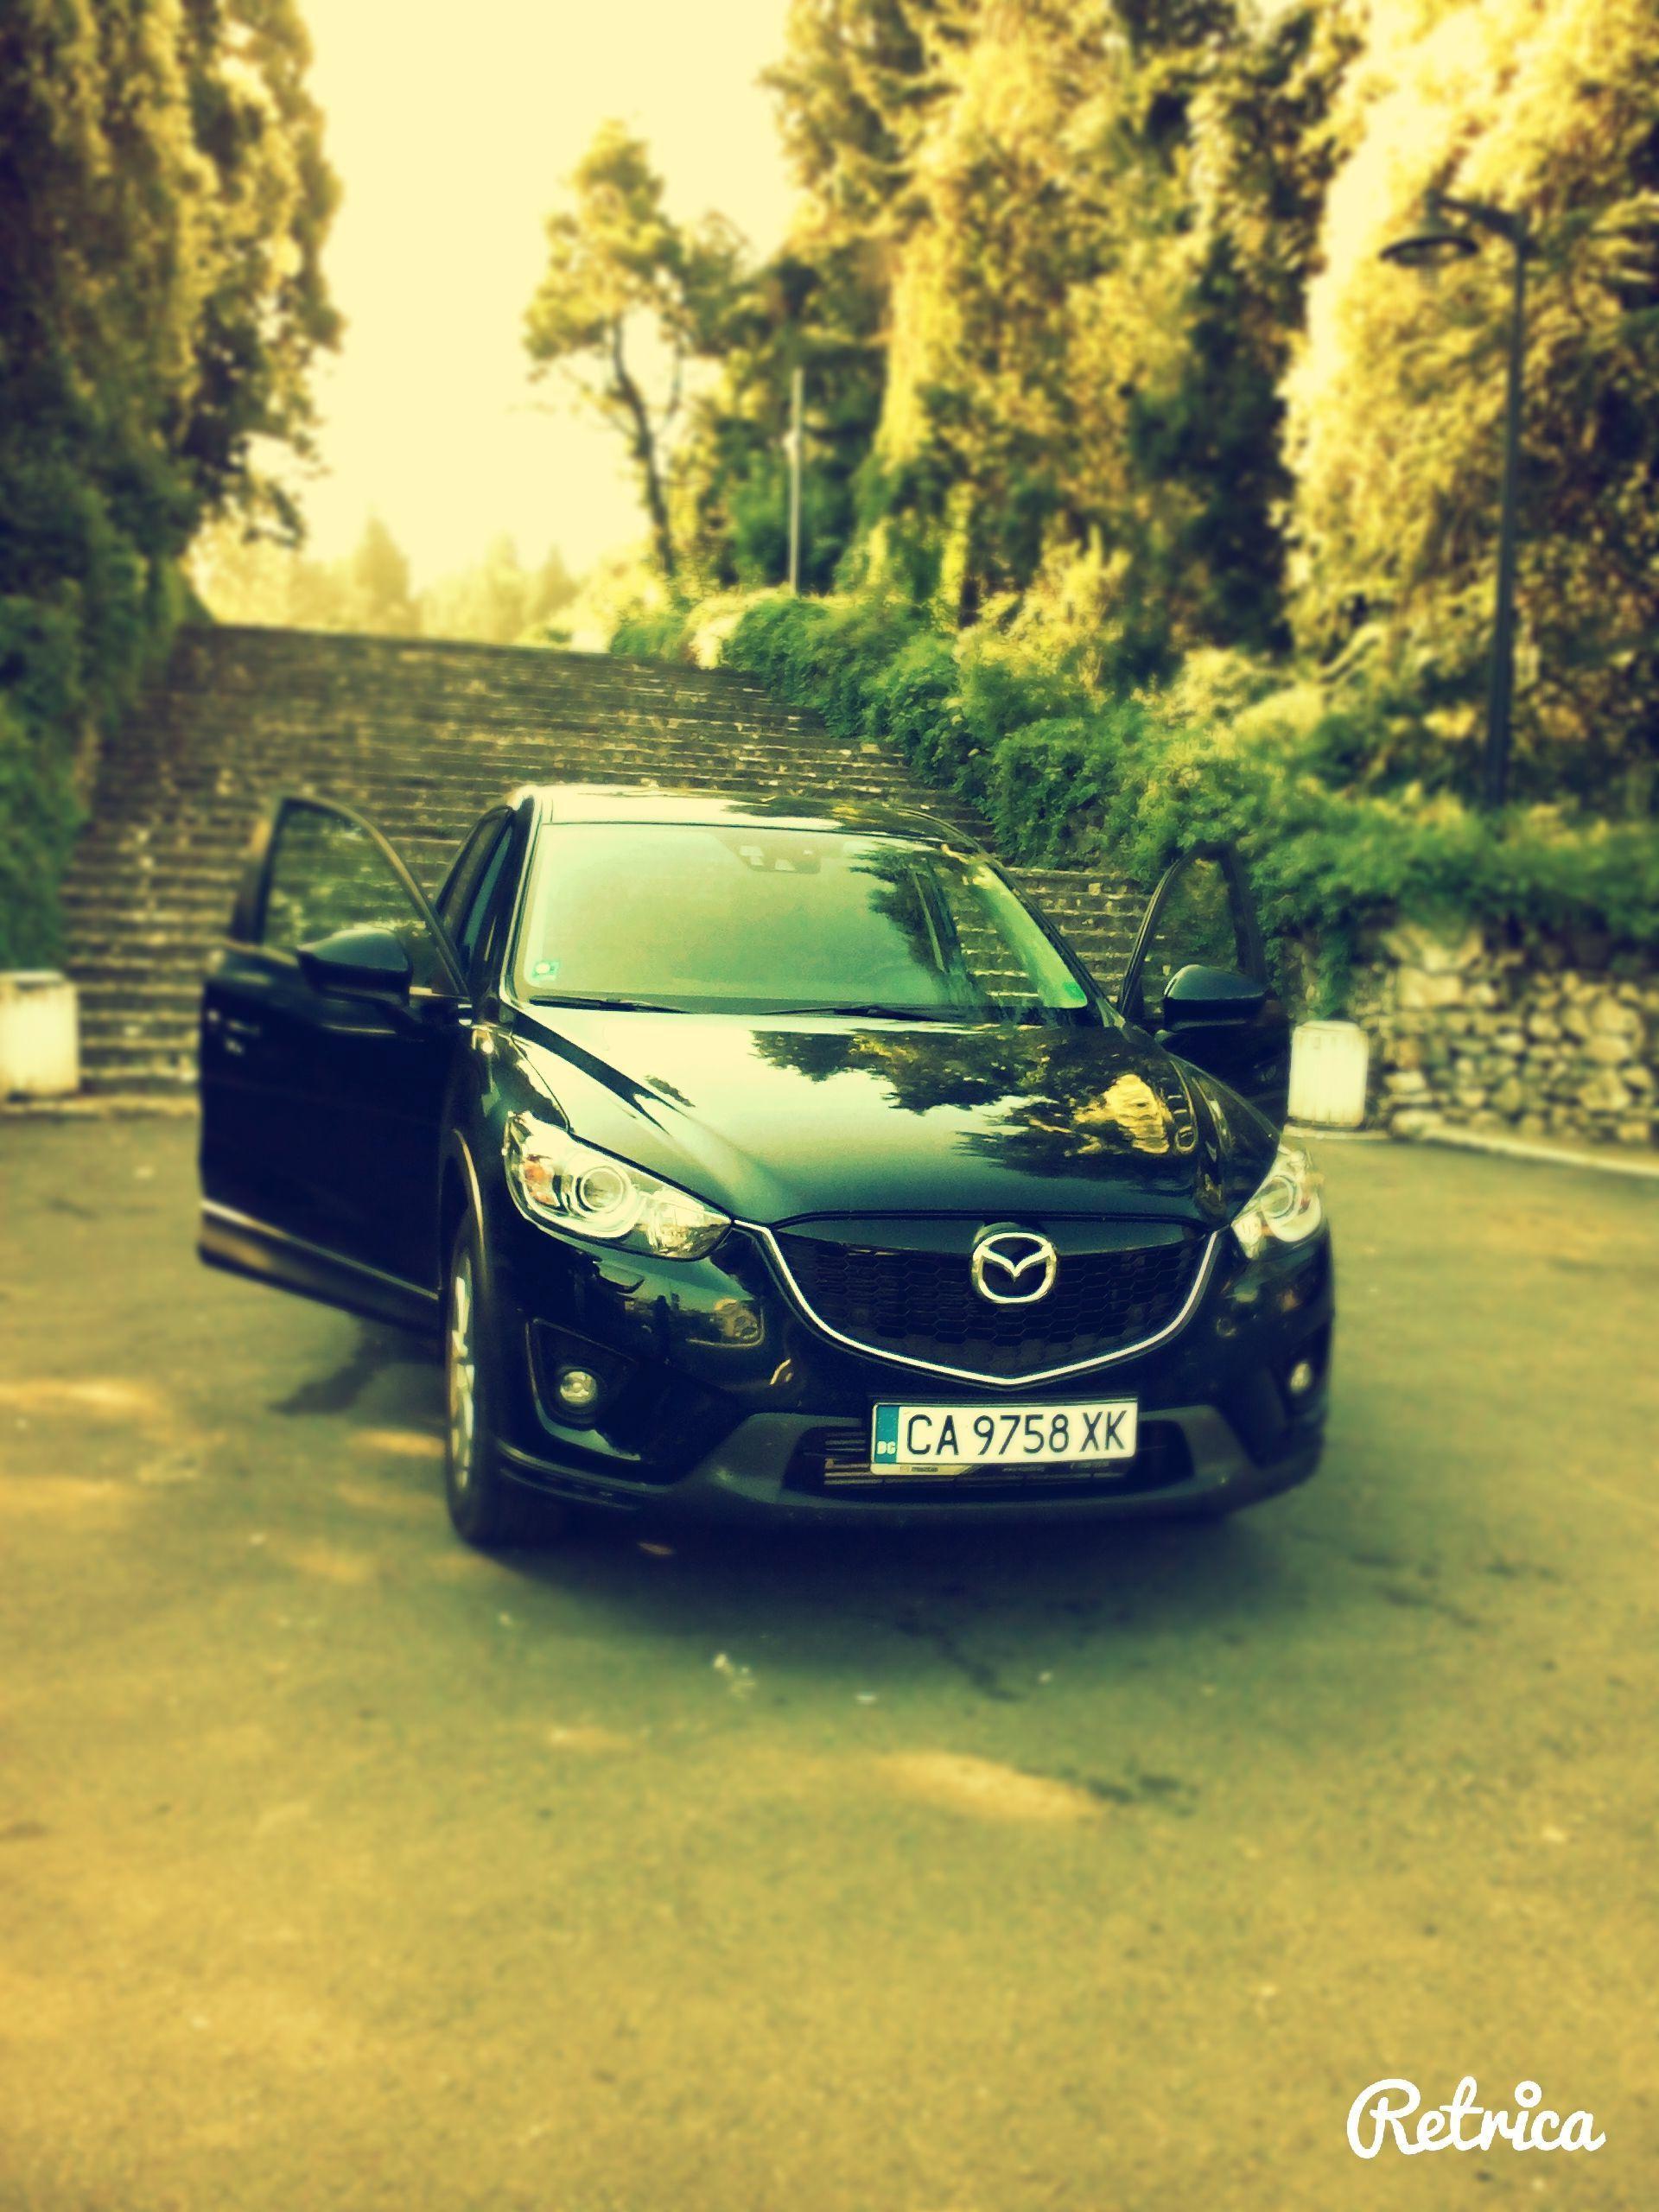 Mazda CX5 from fan of Mazda Bulgaria Mazda, Sports car